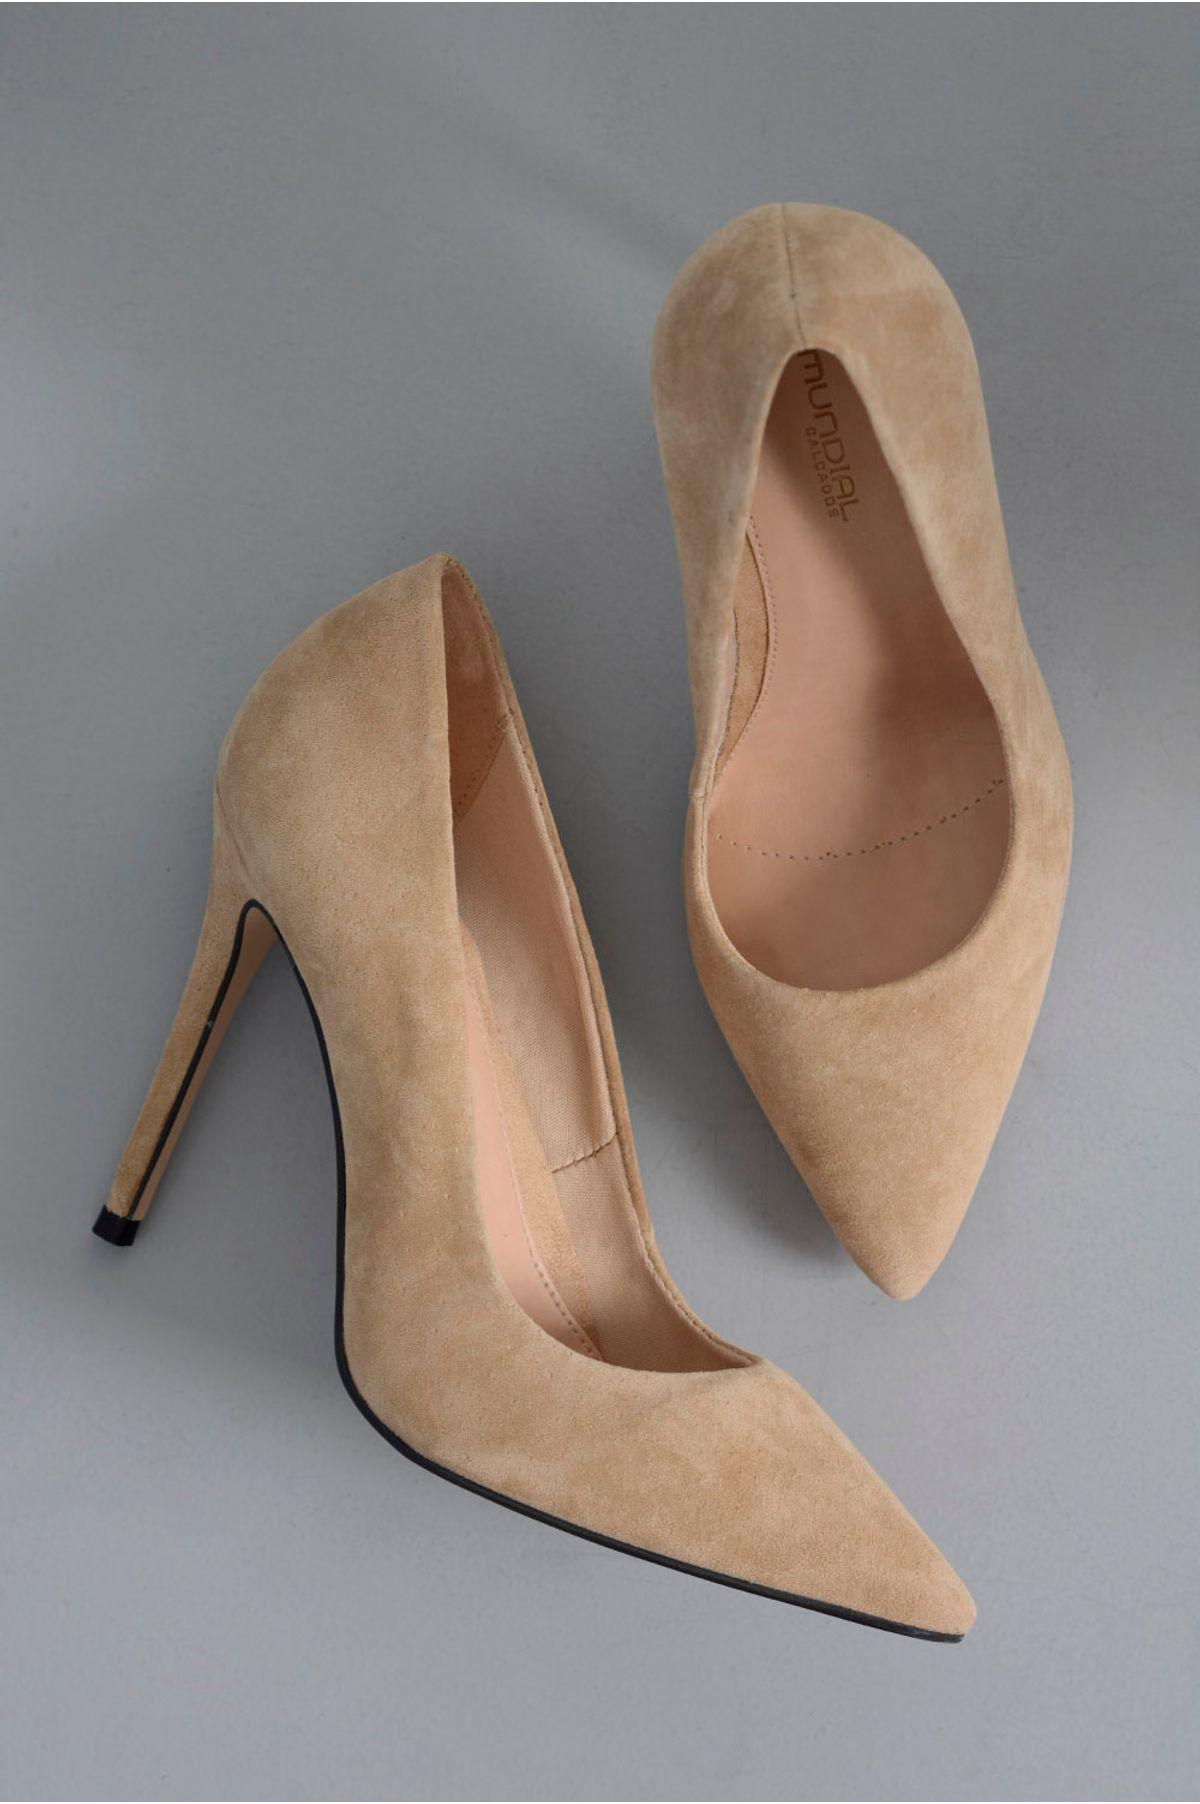 8b2a6cc78a Scarpin Feminino Salto Alto Phylis Mundial CAM - BEGE - Mundial Calçados